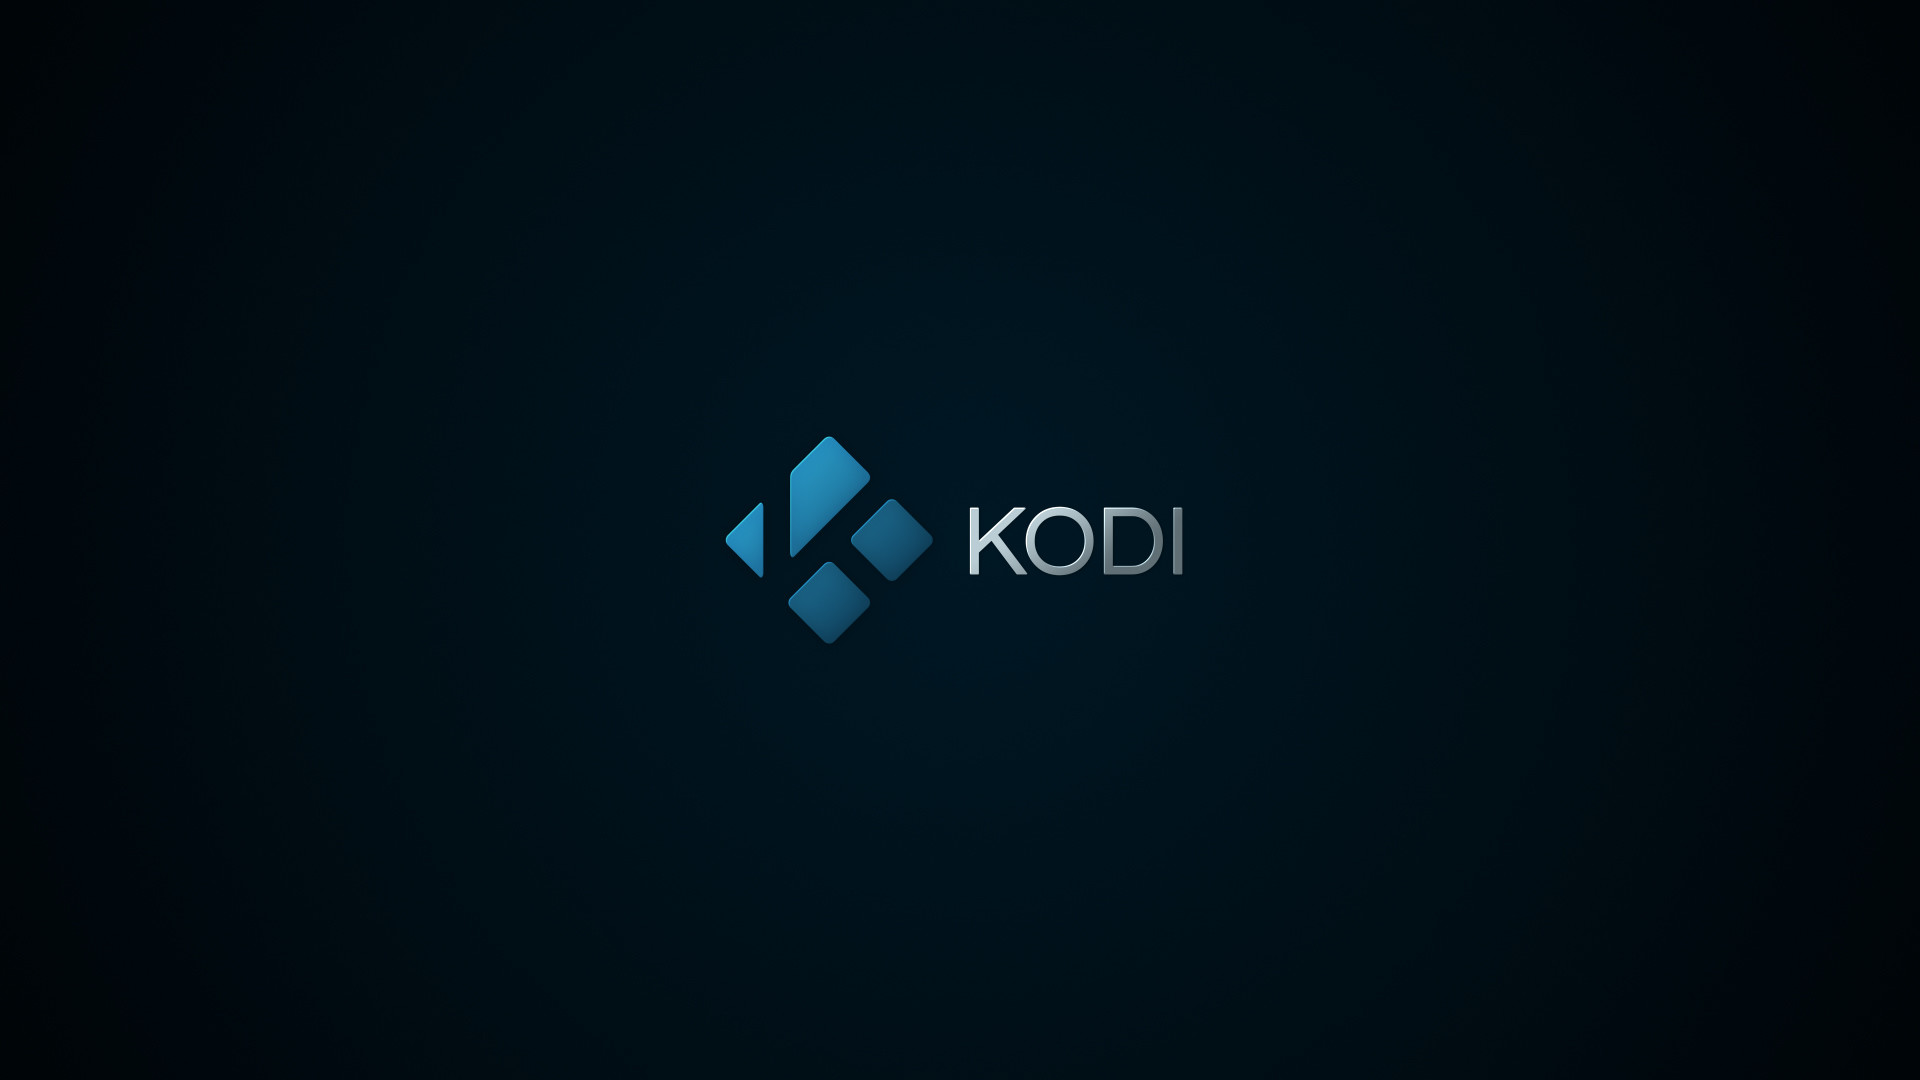 Kodi-Wallpaper-3B-1080p samfisher.jpg from samfisher